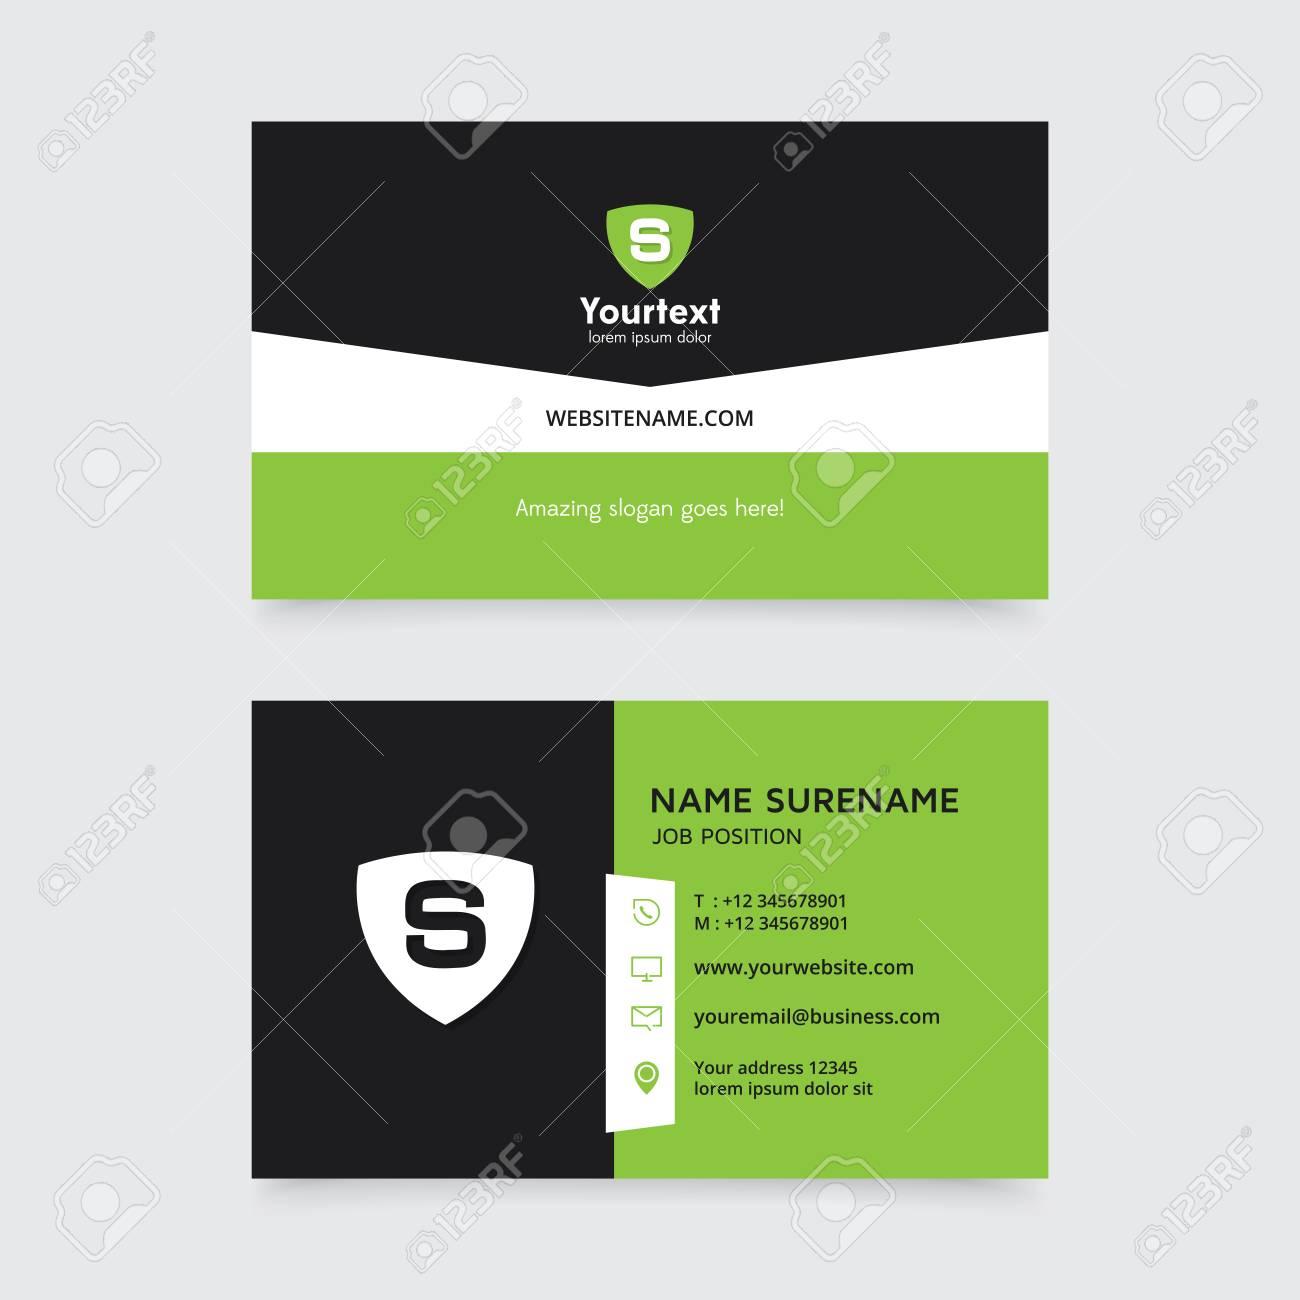 Modele De Carte Visite Moderne Creative Et Propre Vecteur Un Design Plat Simple Avec Couleur Verte Noire Conception